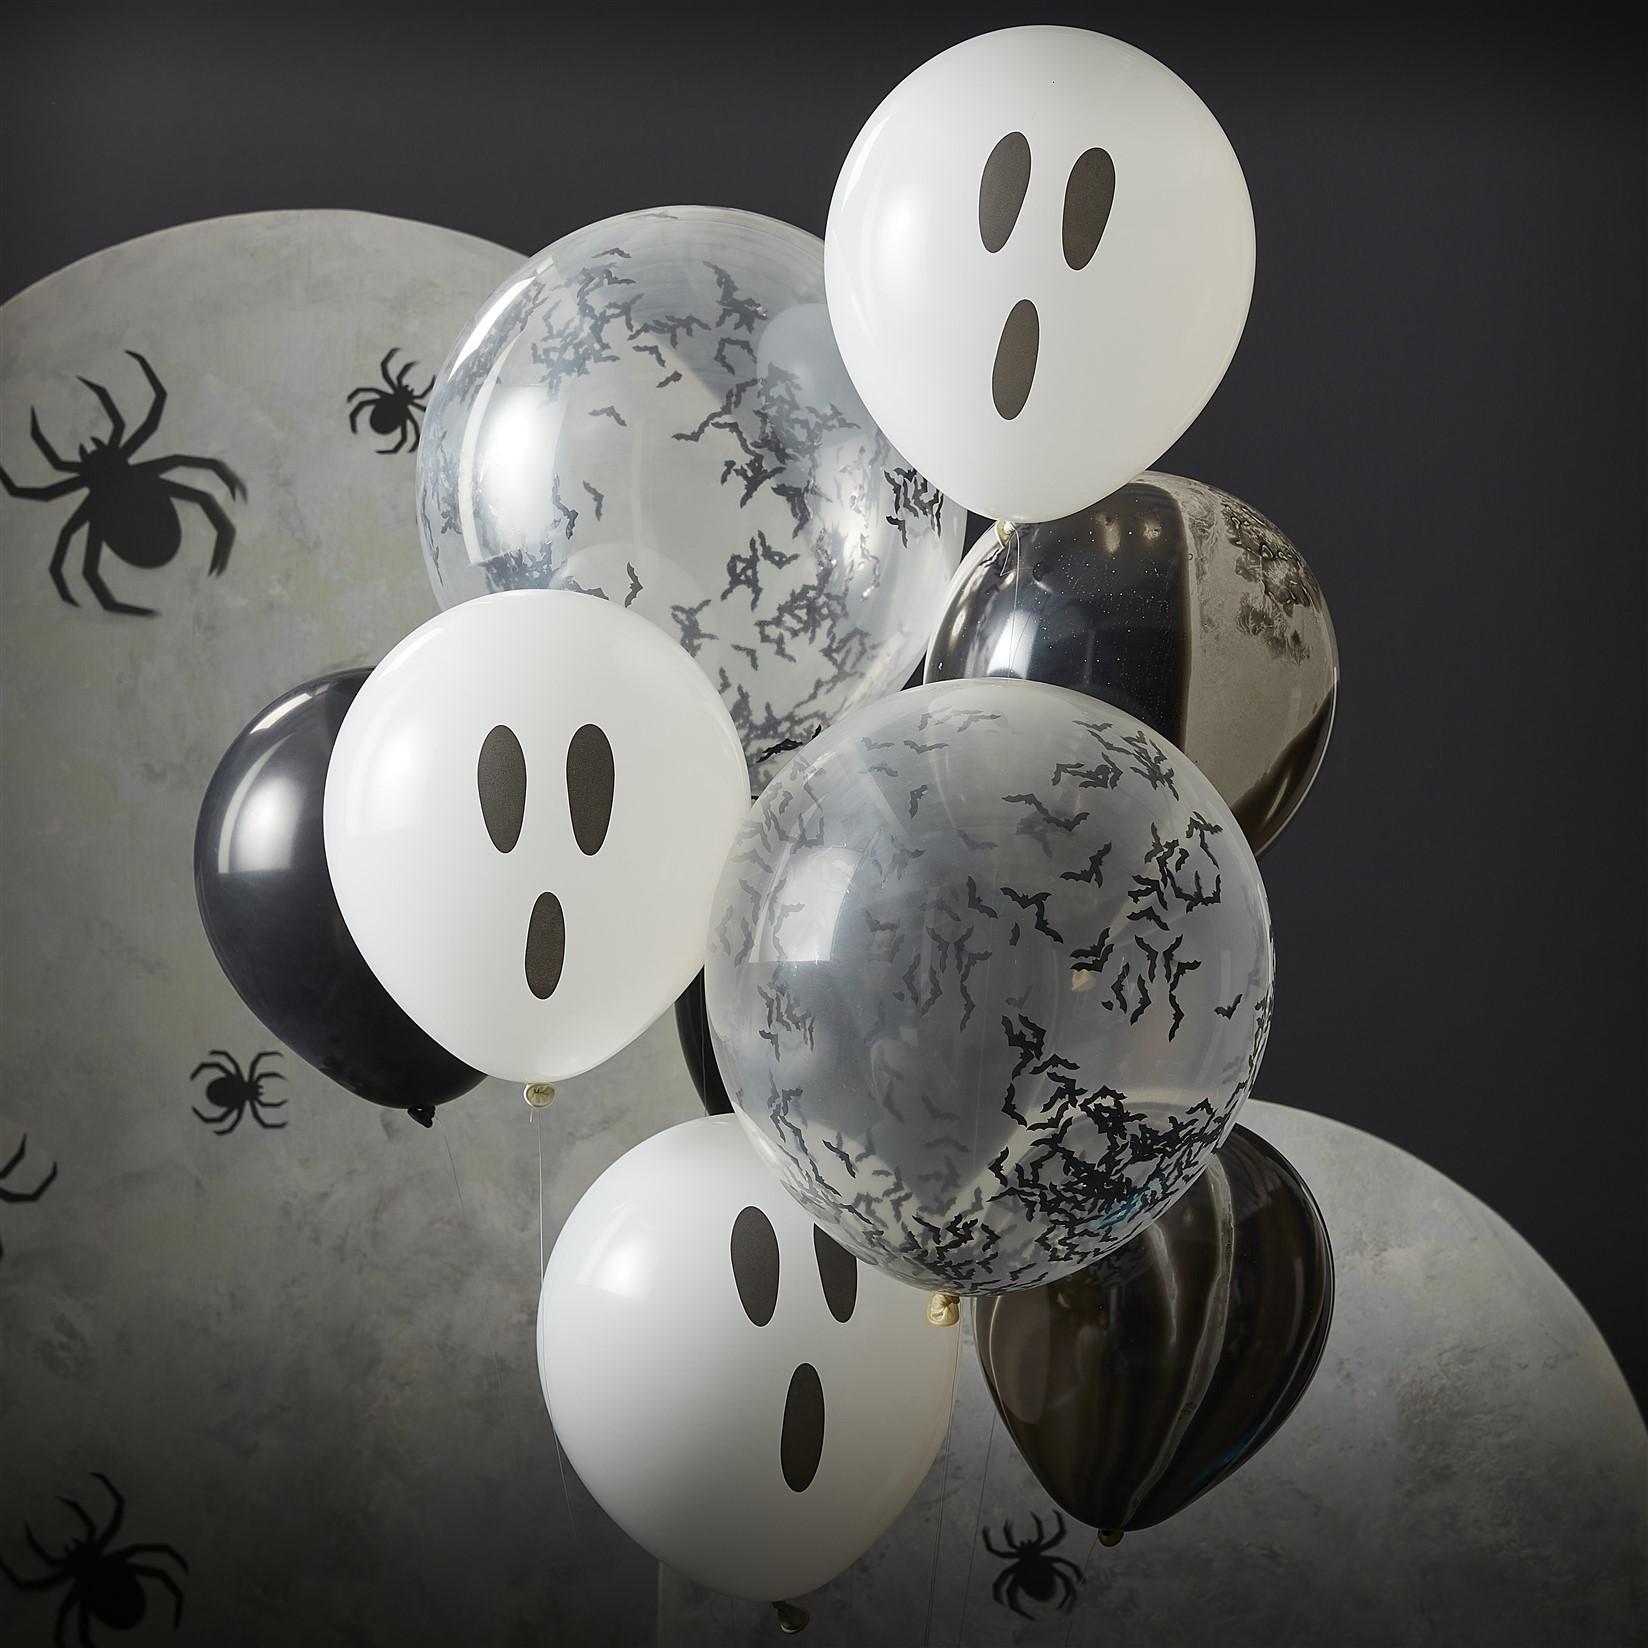 Σετ Μπαλόνια Latex Halloween – 9 Τεμάχια